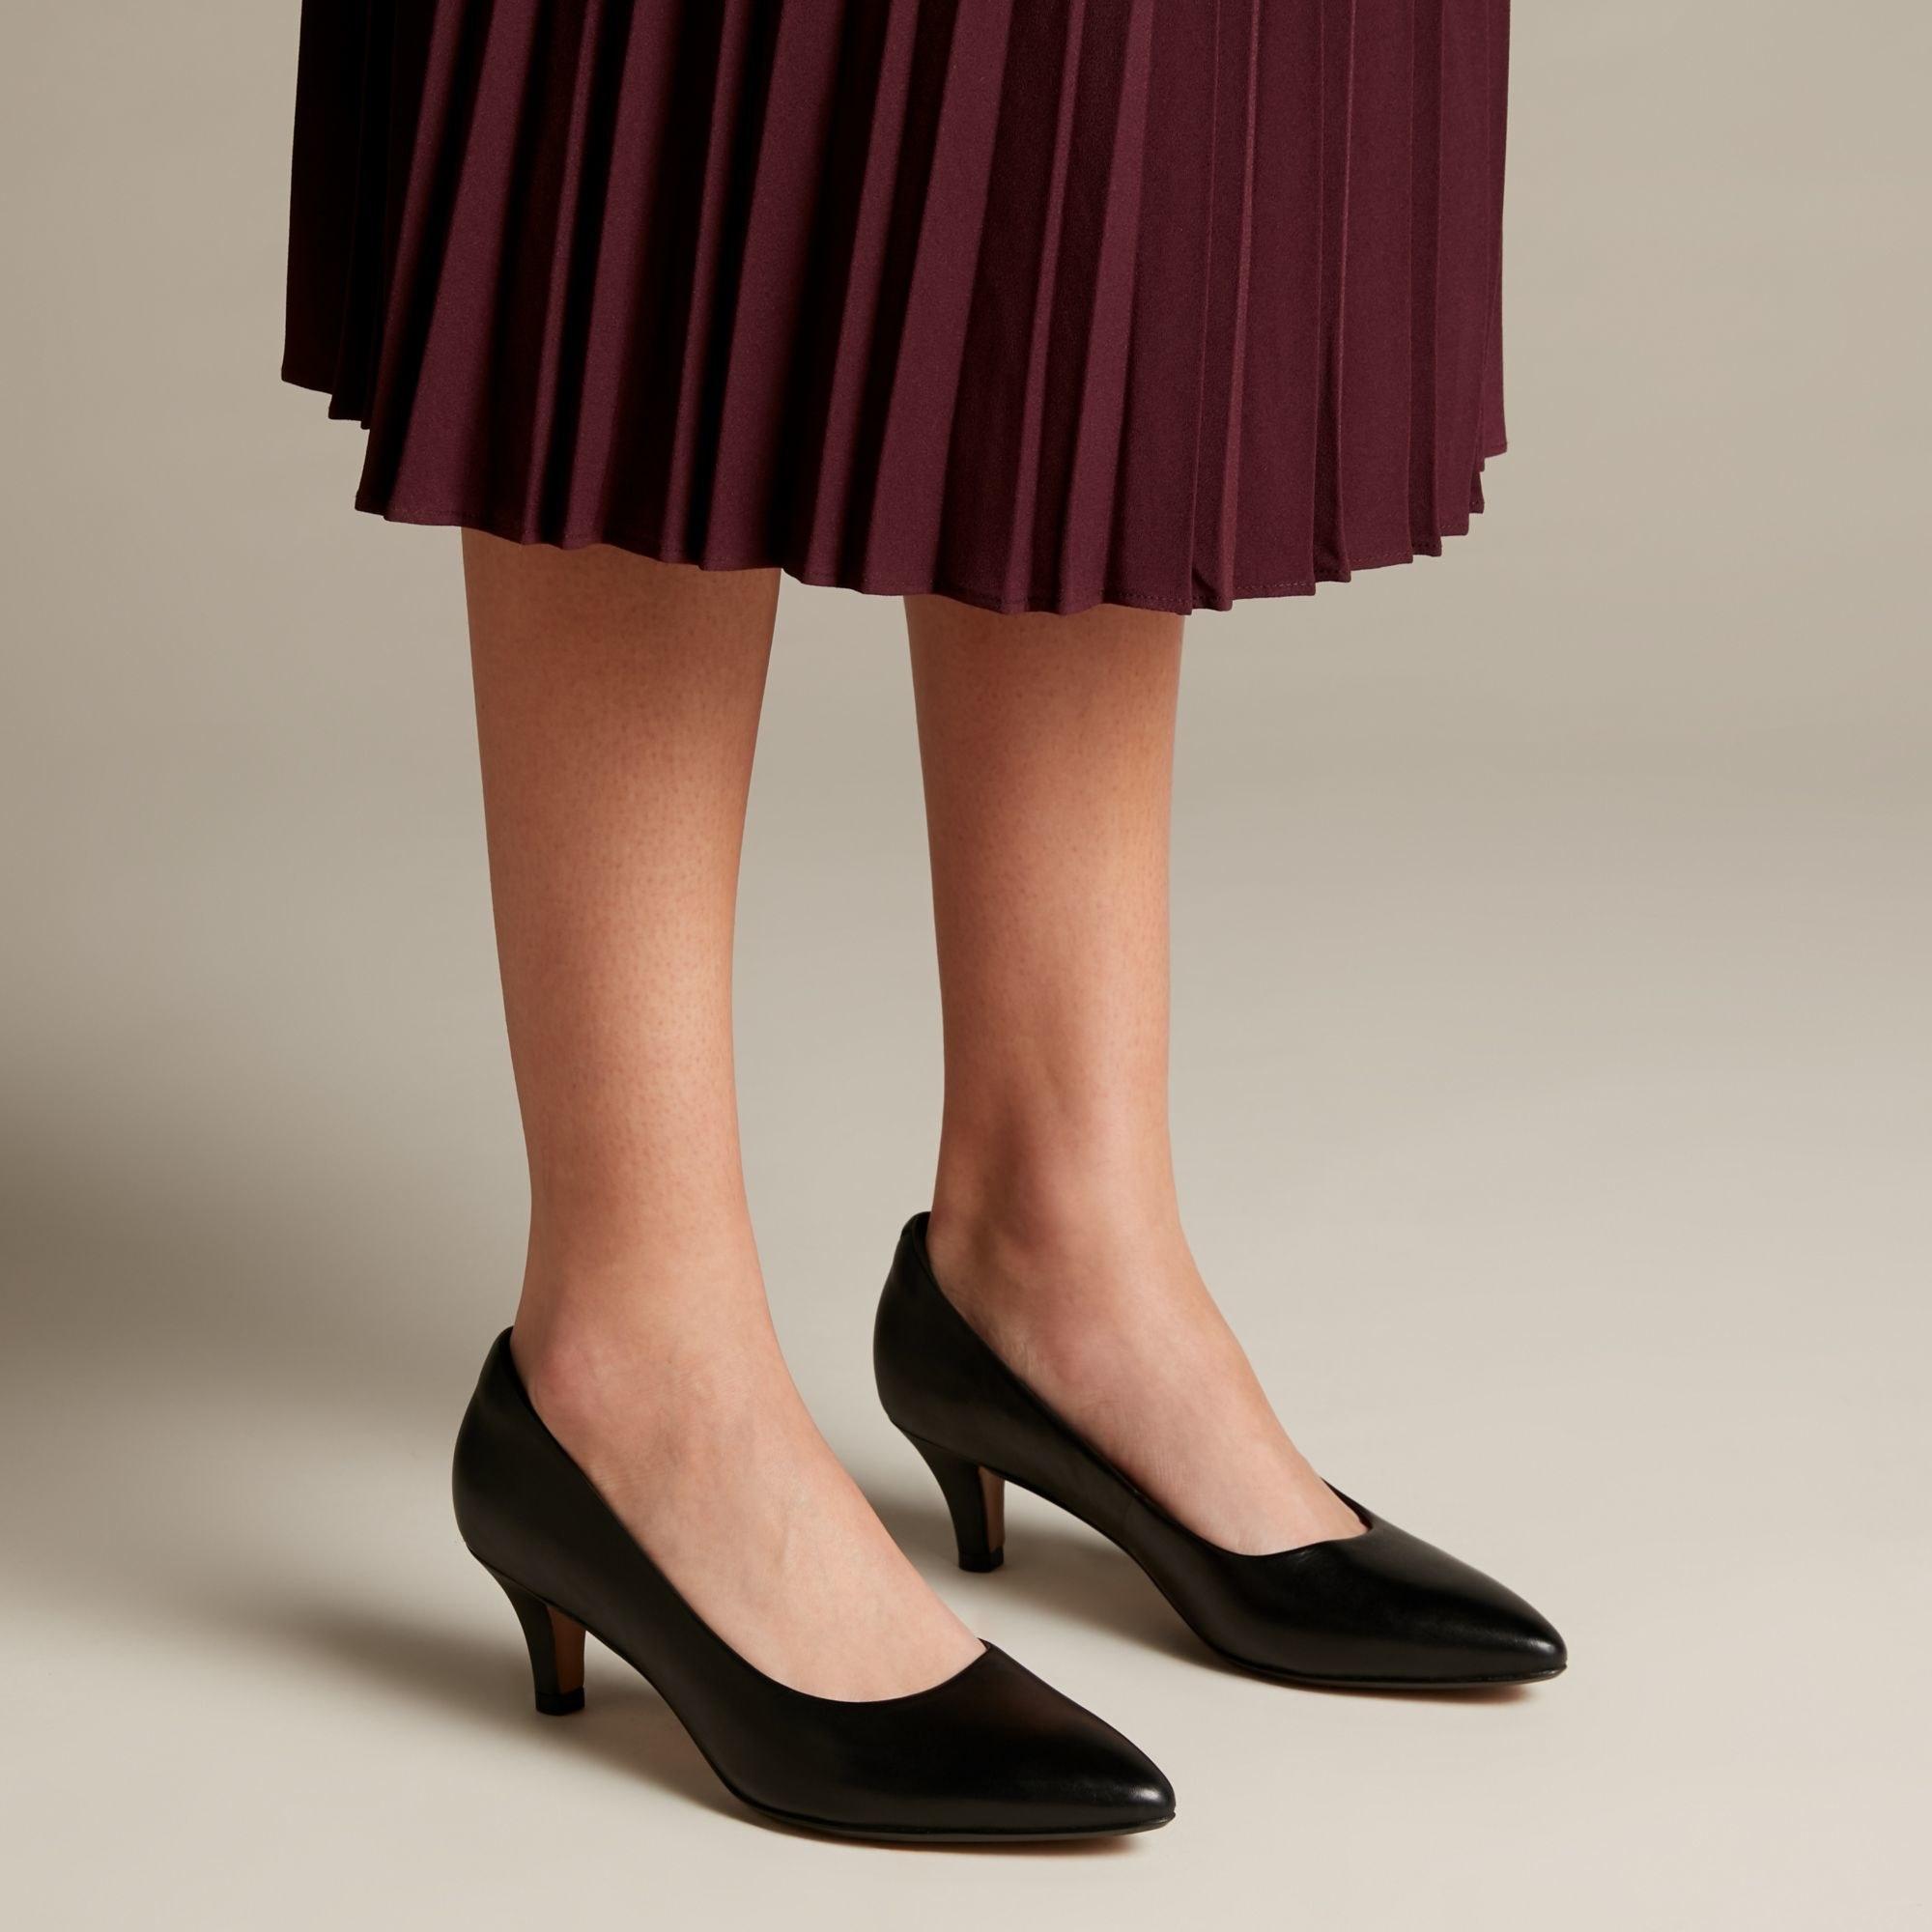 model wearing closed almond-toe black heels